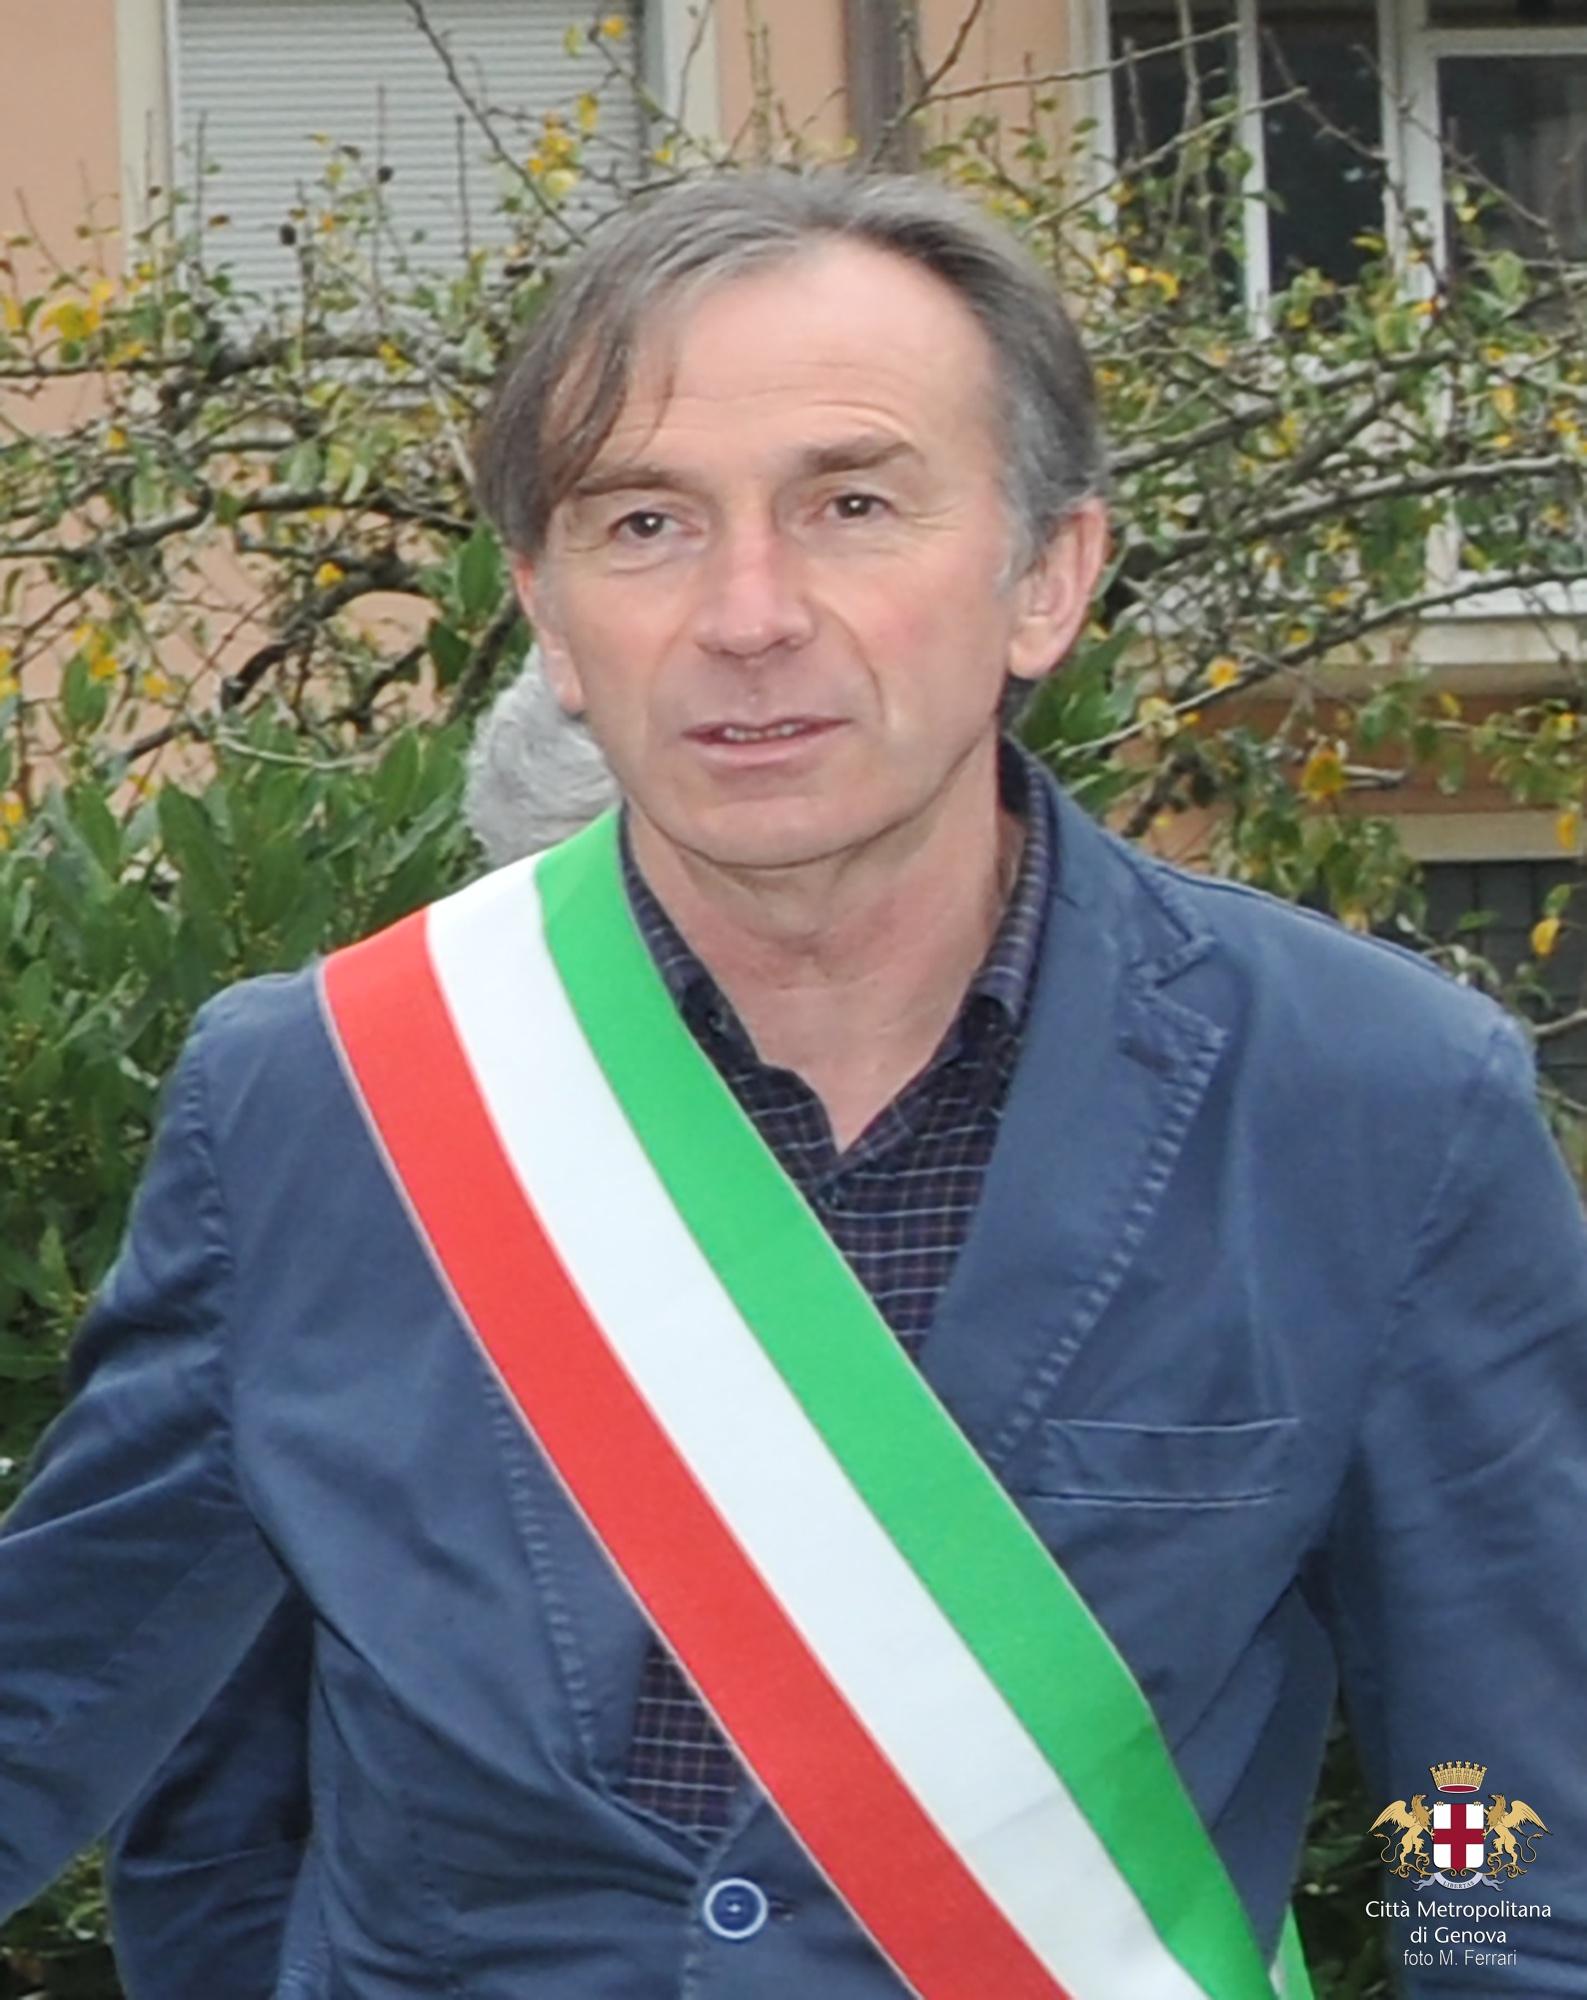 Vittorio Centanaro